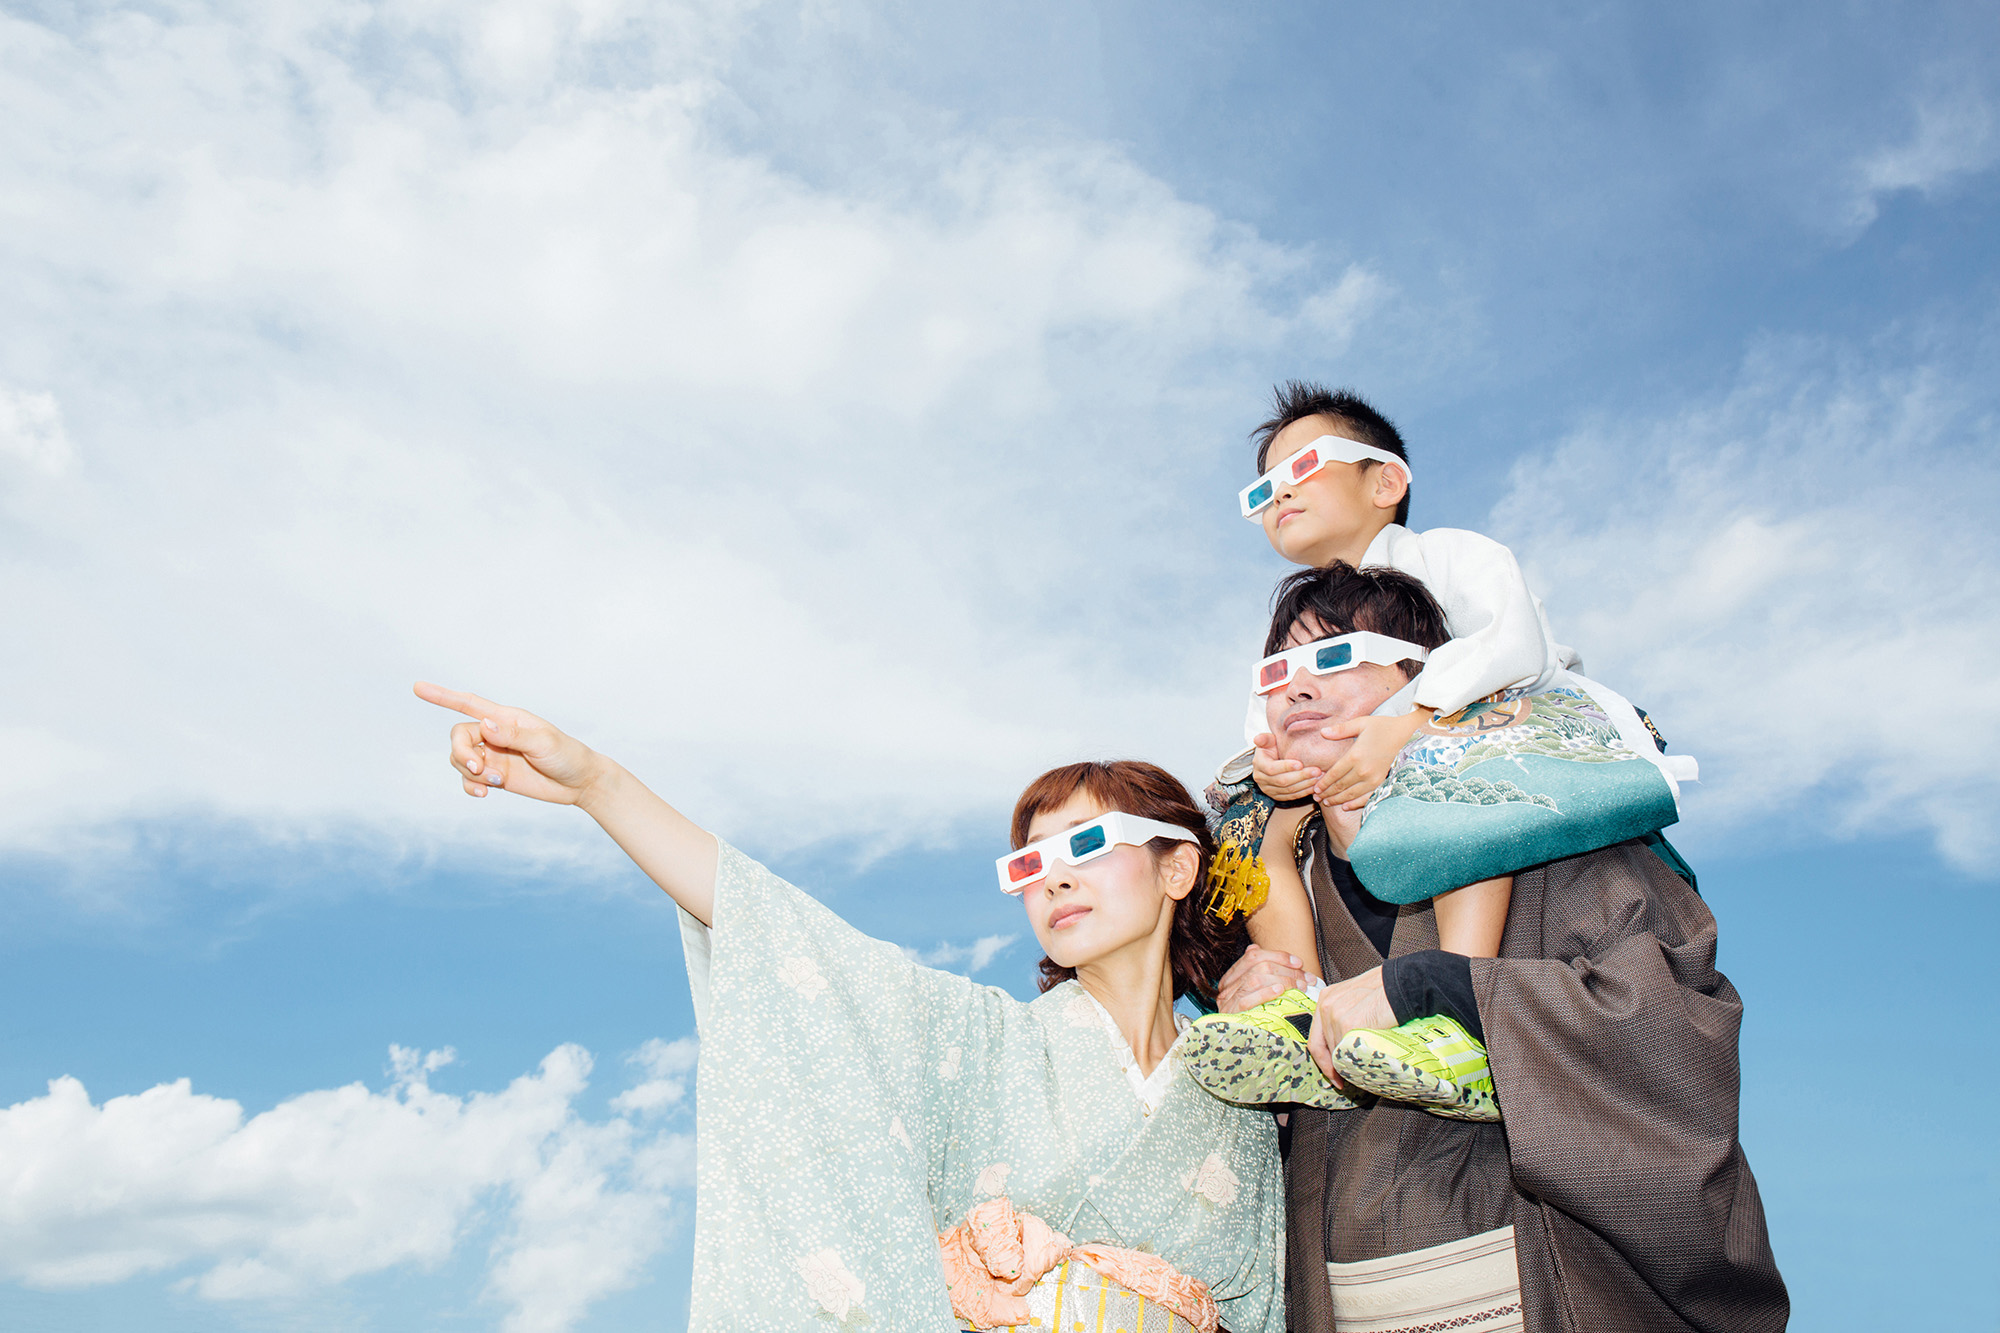 03-YourStory-family.jpg